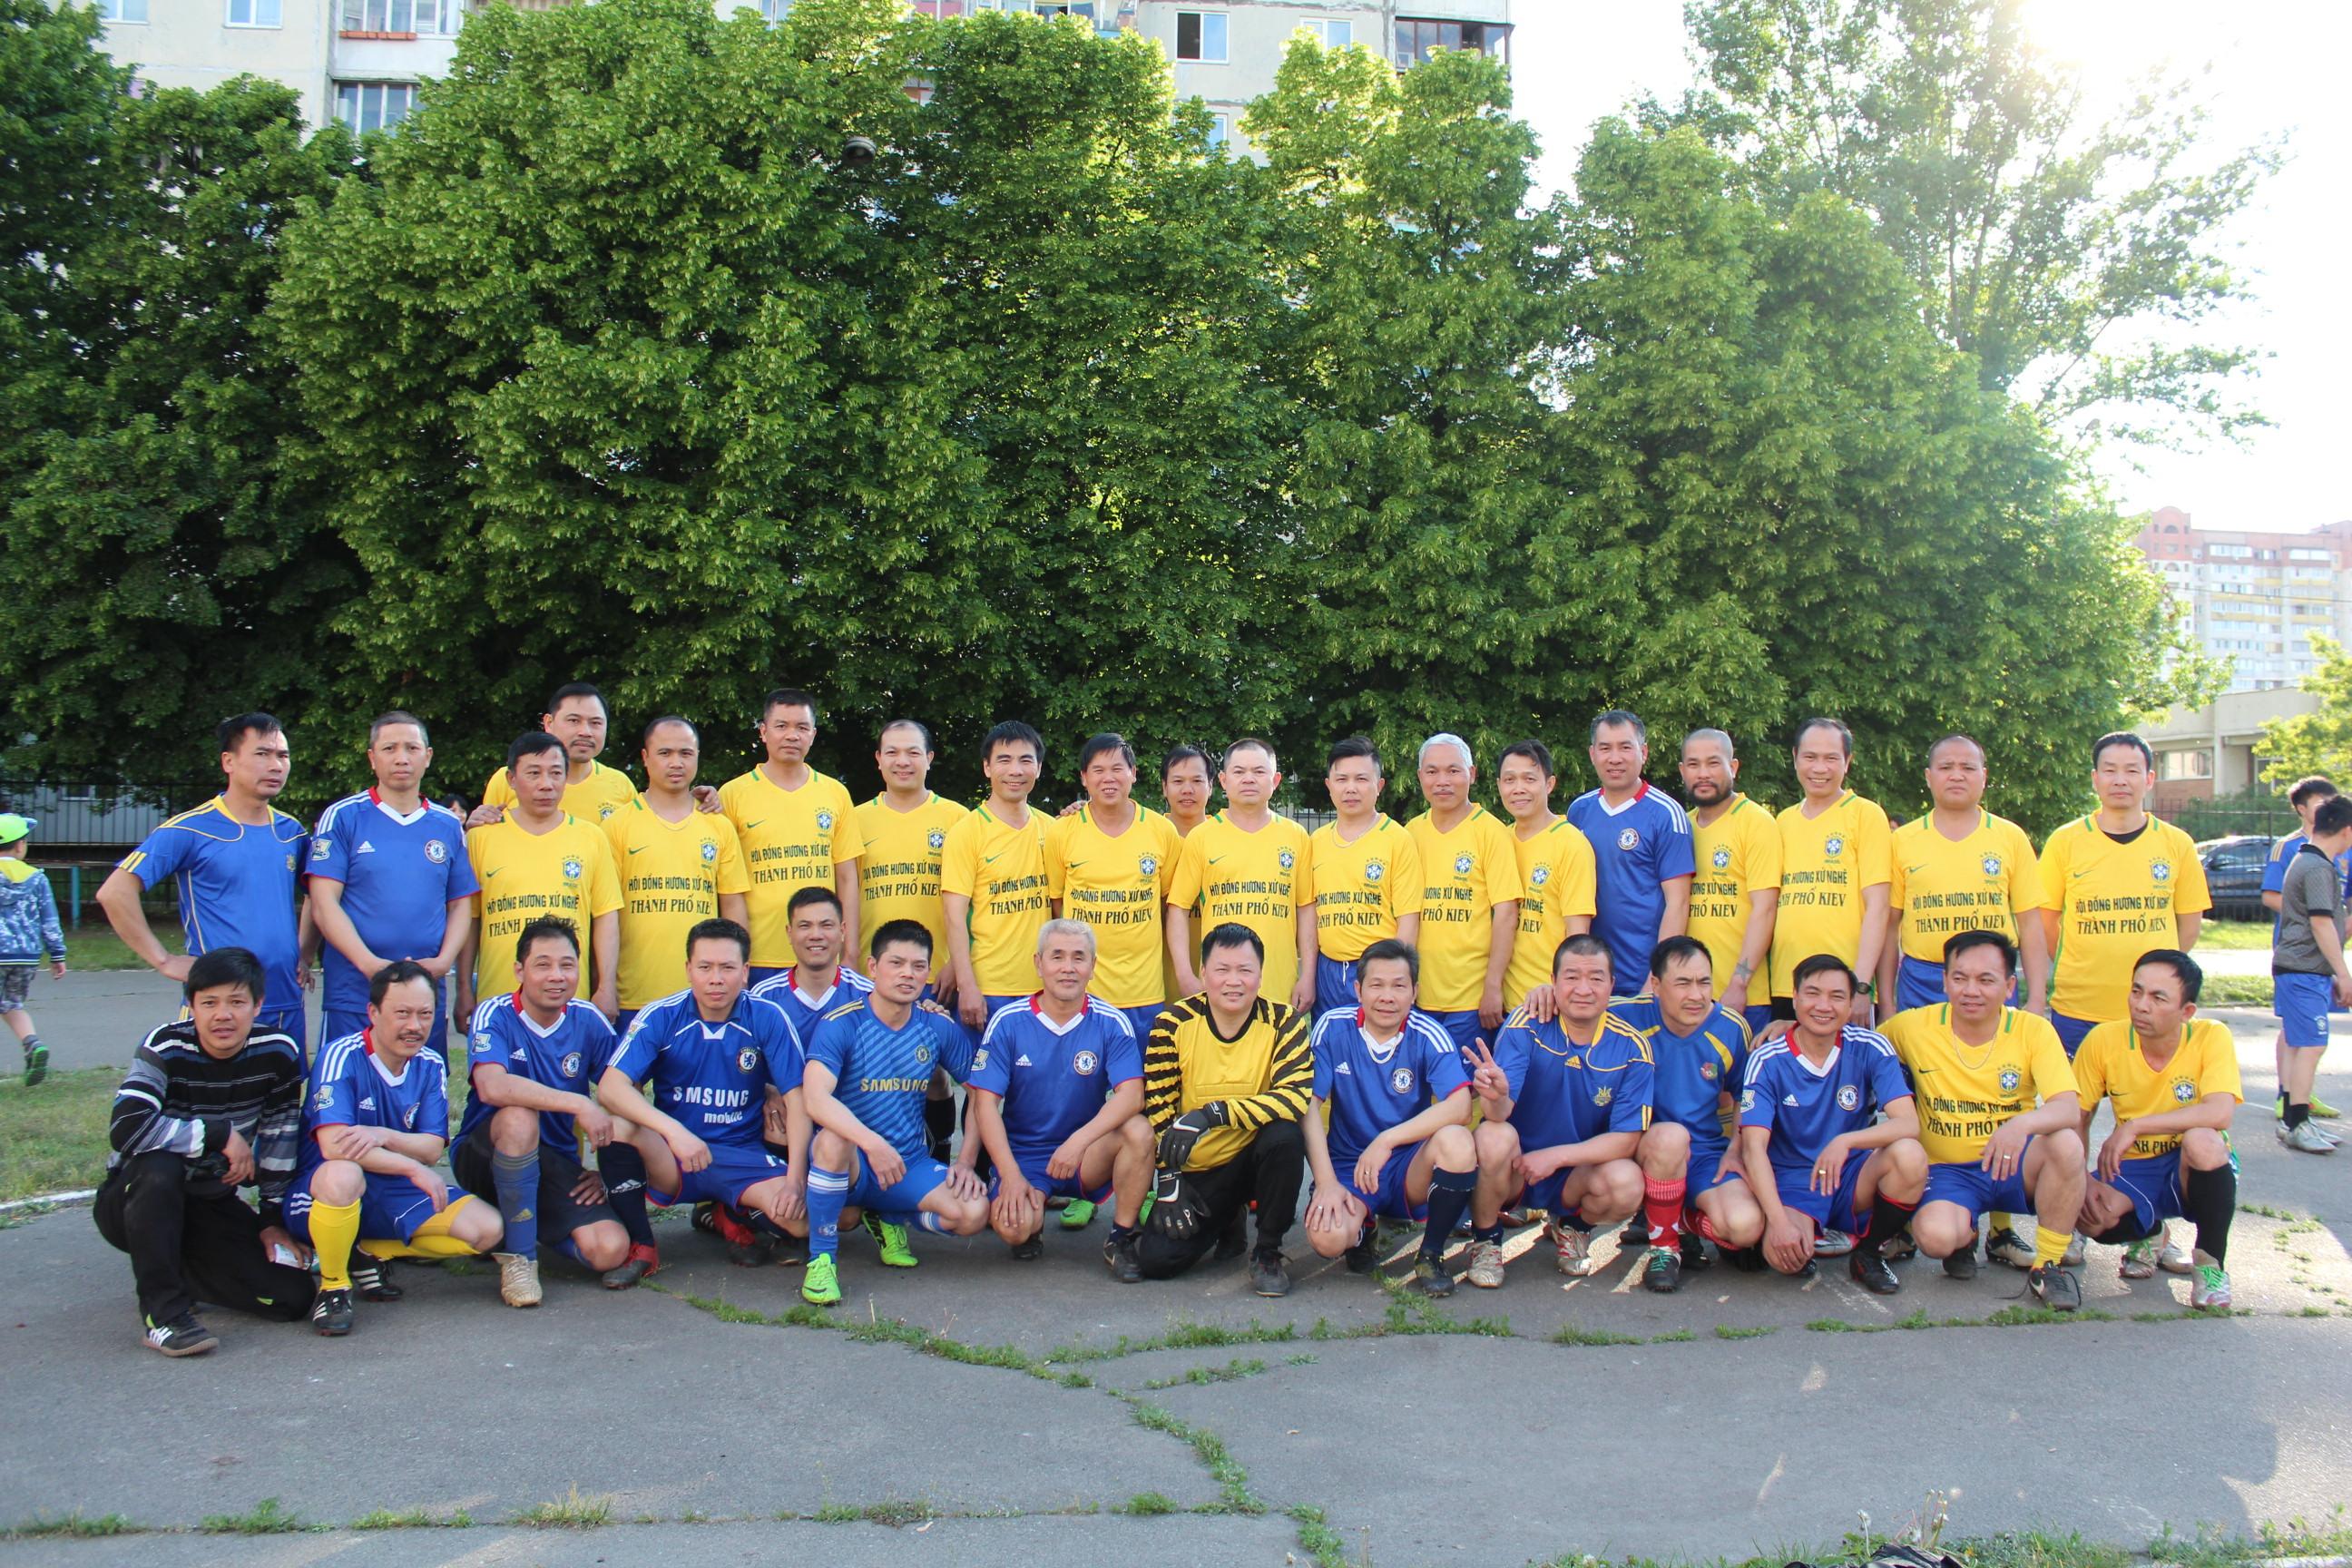 Ngày hội trồng cây kỷ niệm 127 năm ngày sinh Bác Hồ tại Ucraina